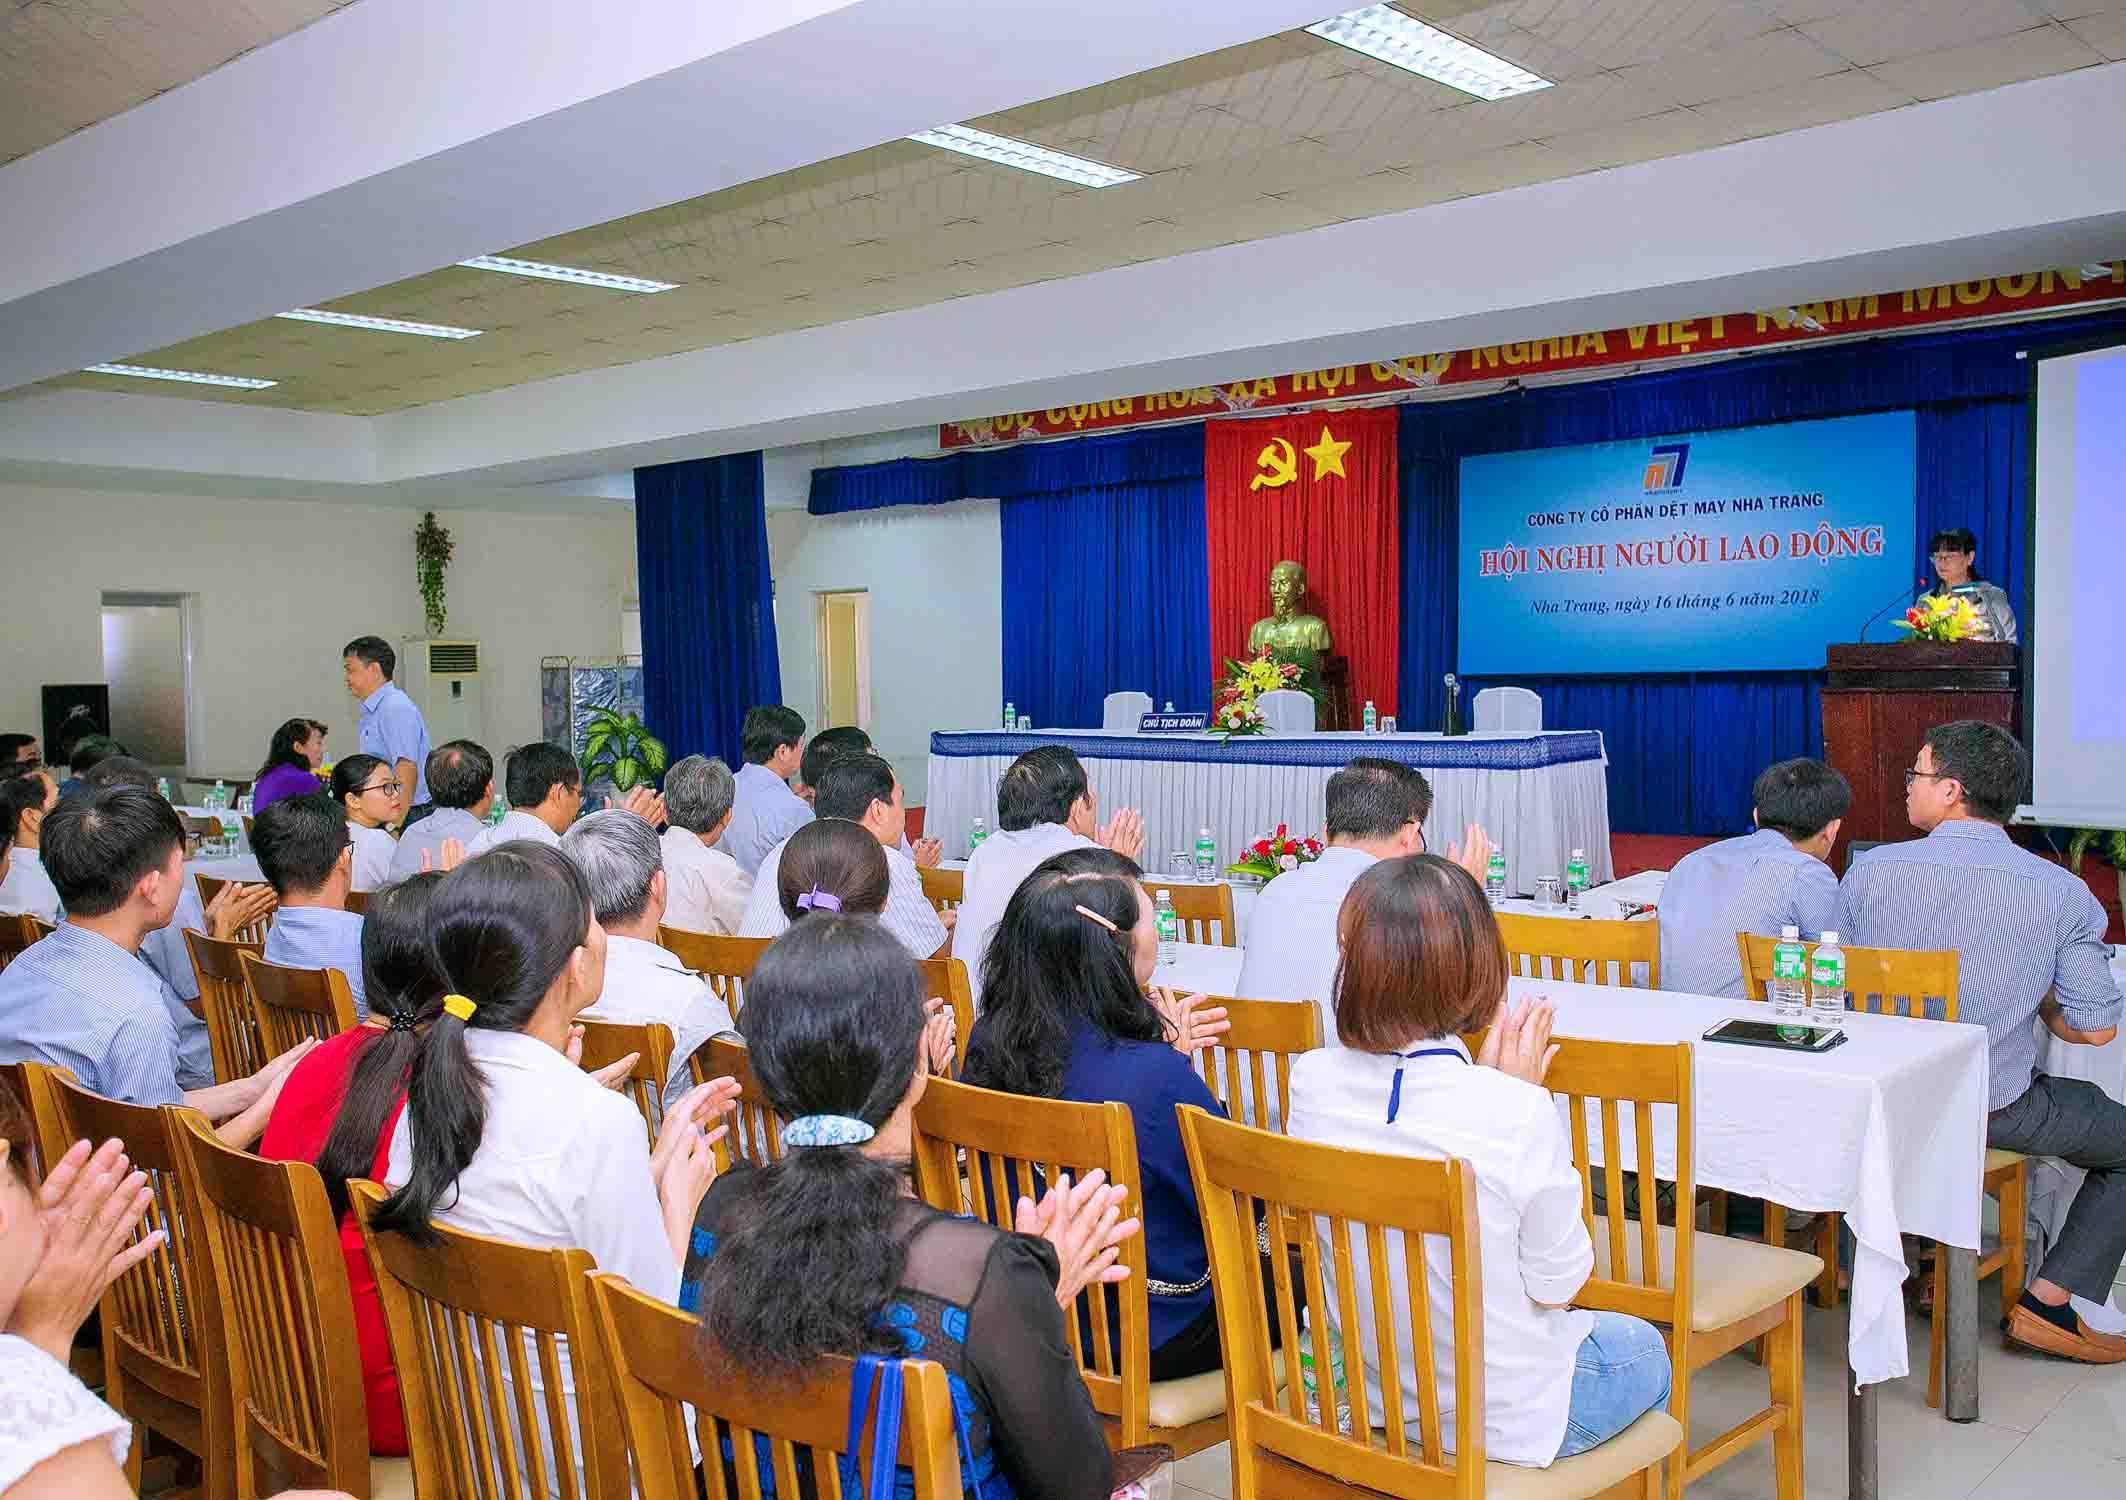 Công ty CP Dệt may Nha Trang tổ chức Hội nghị người lao động năm 2018